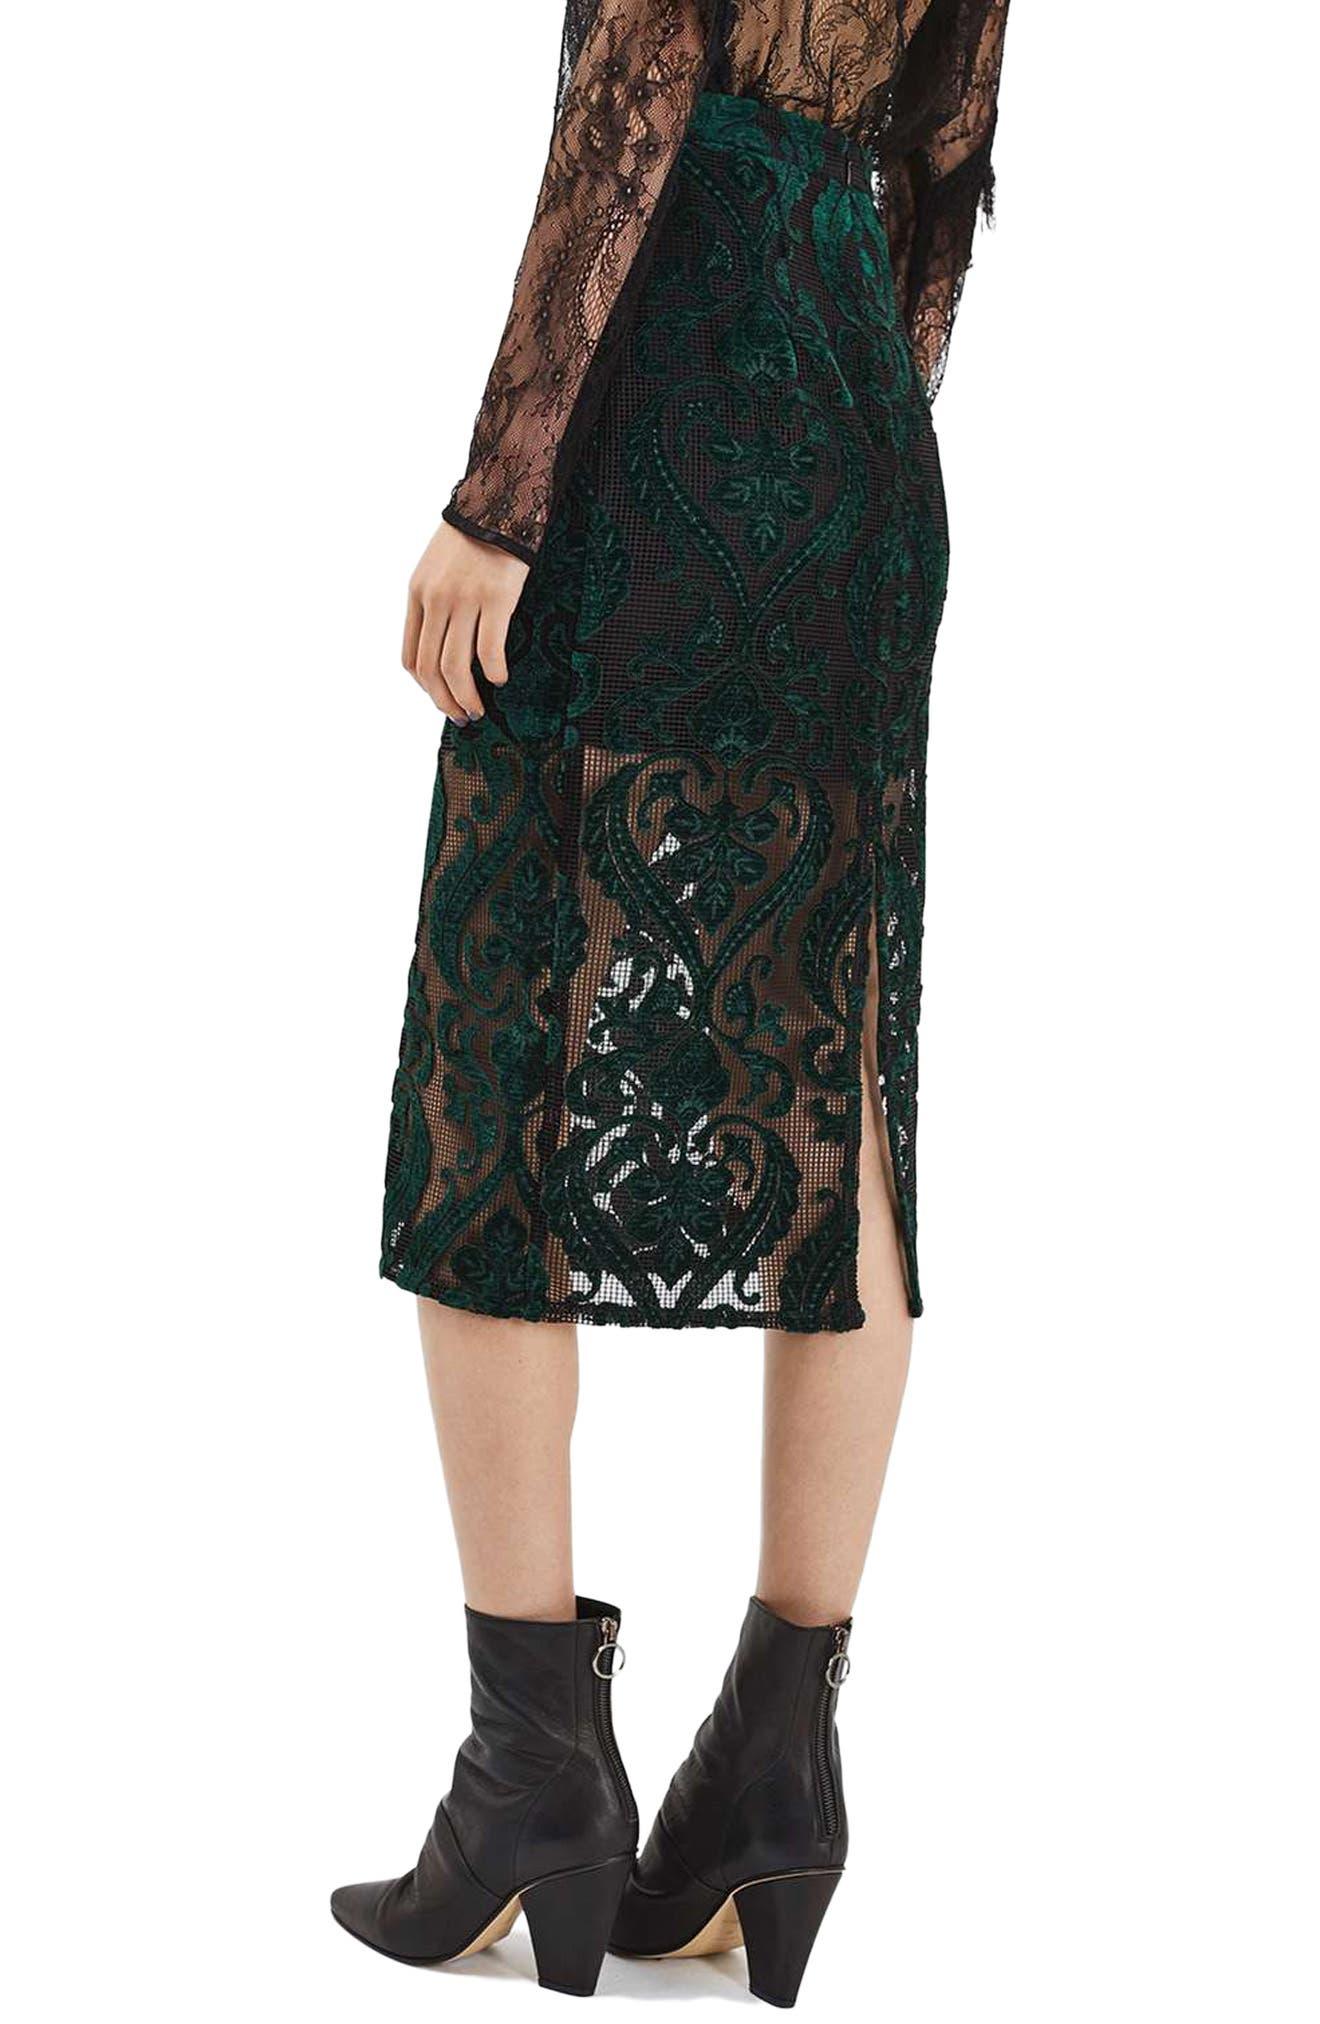 TOPSHOP, Velvet Mesh Pencil Skirt, Alternate thumbnail 2, color, 301